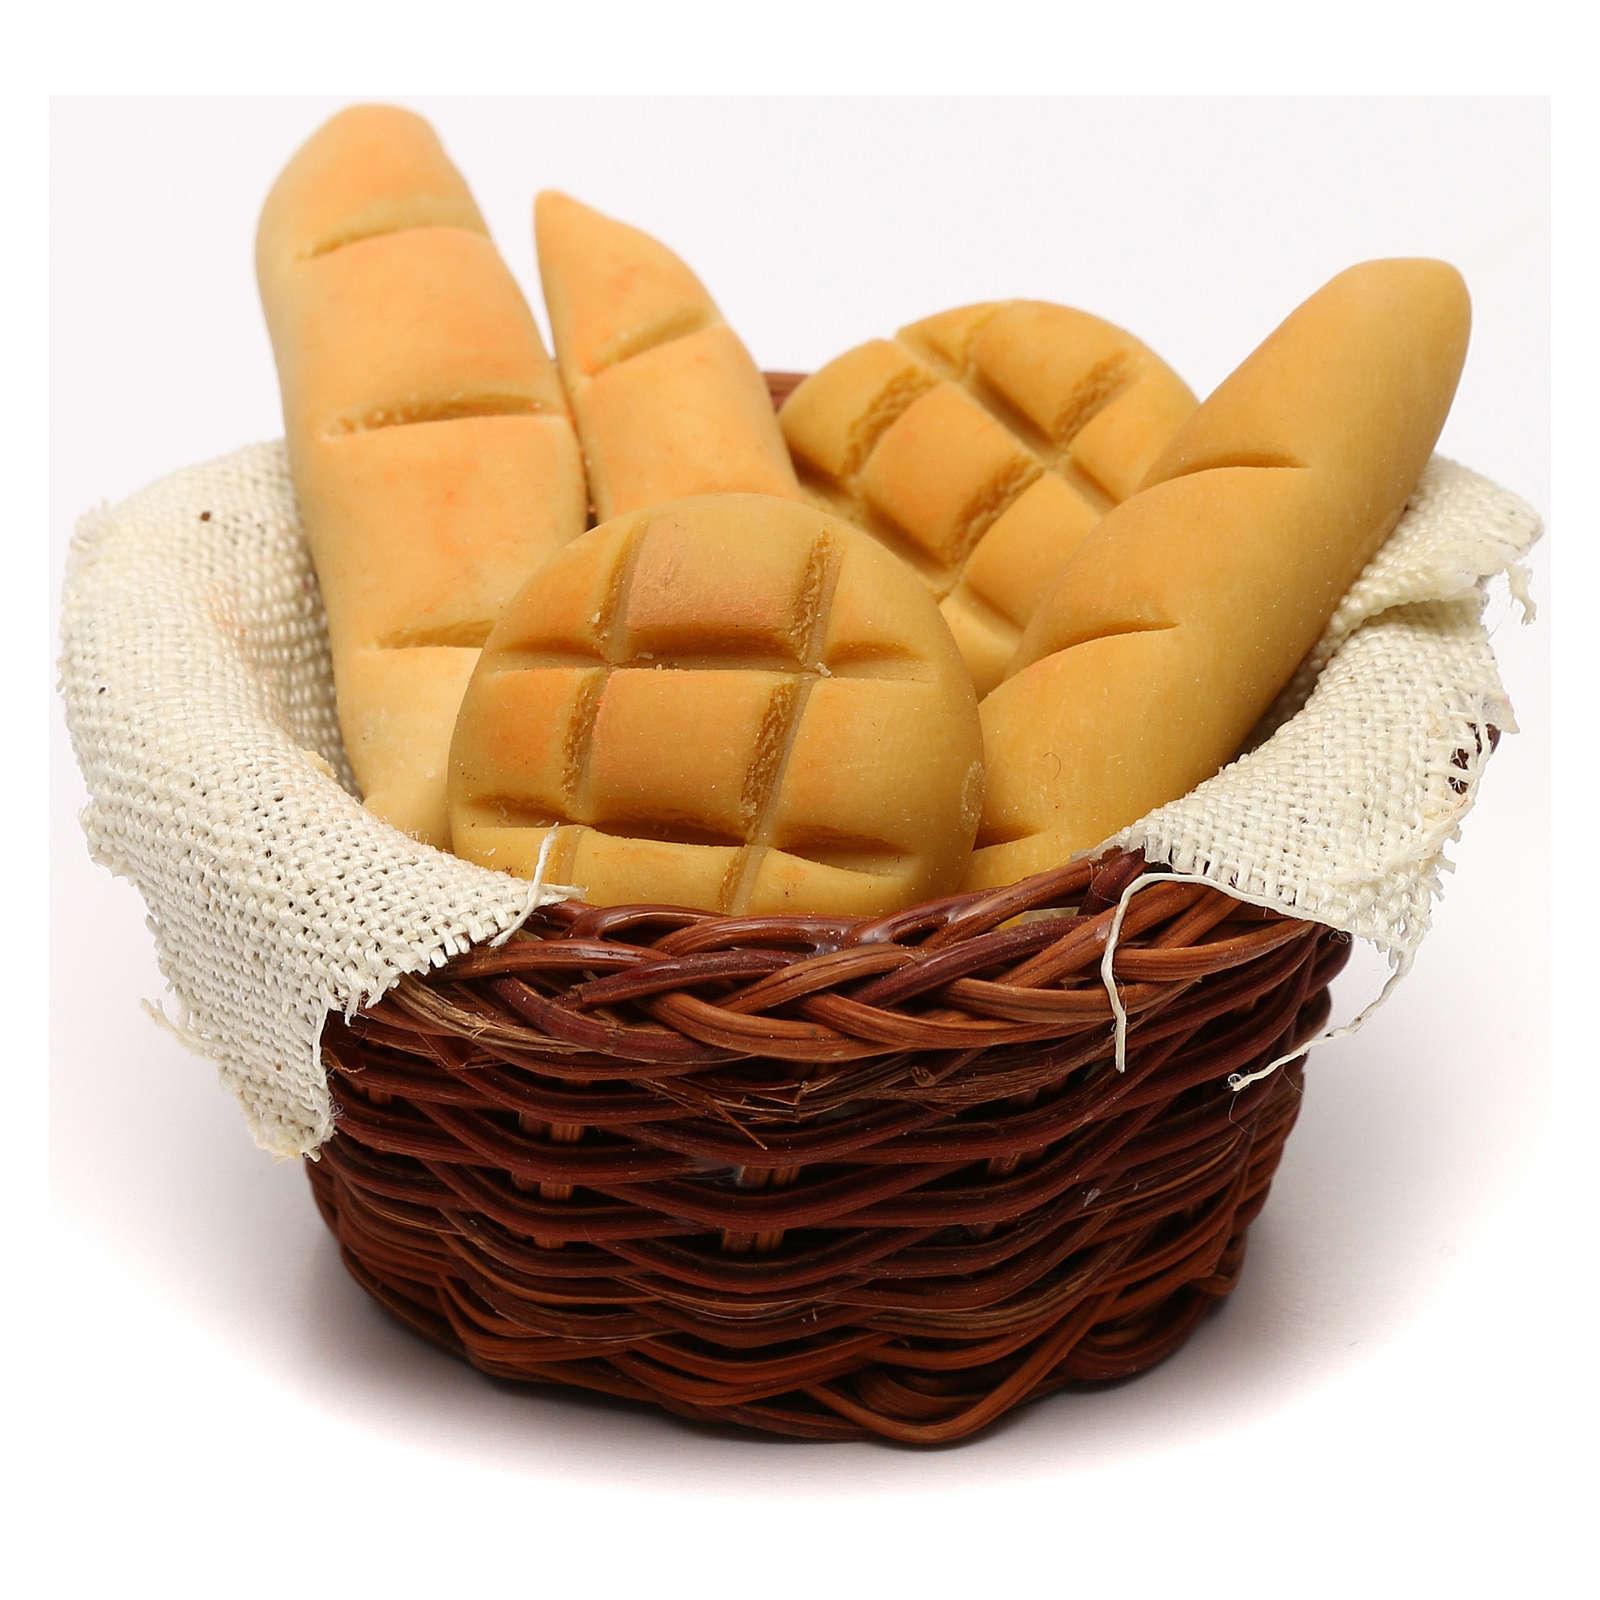 Cestino tondo di pane presepe napoletano 24 cm 4